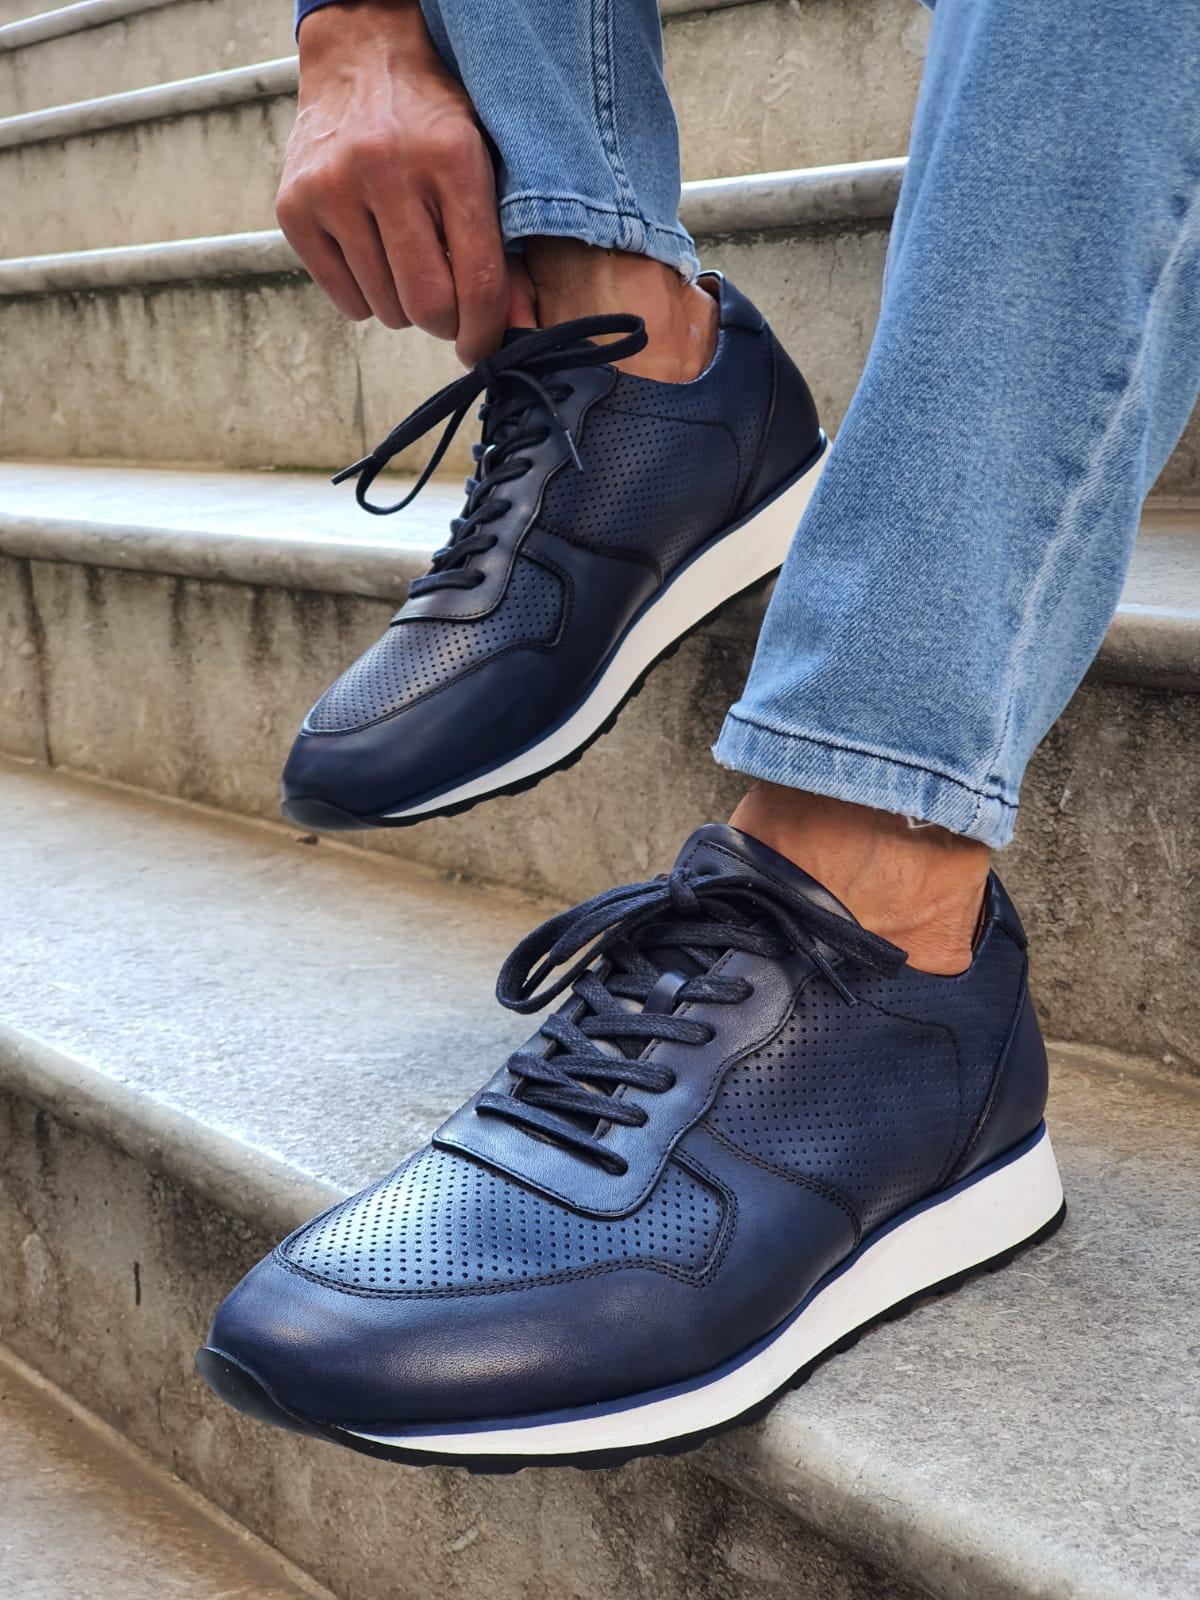 Buy Navy Blue Mid-Top Sneakers by